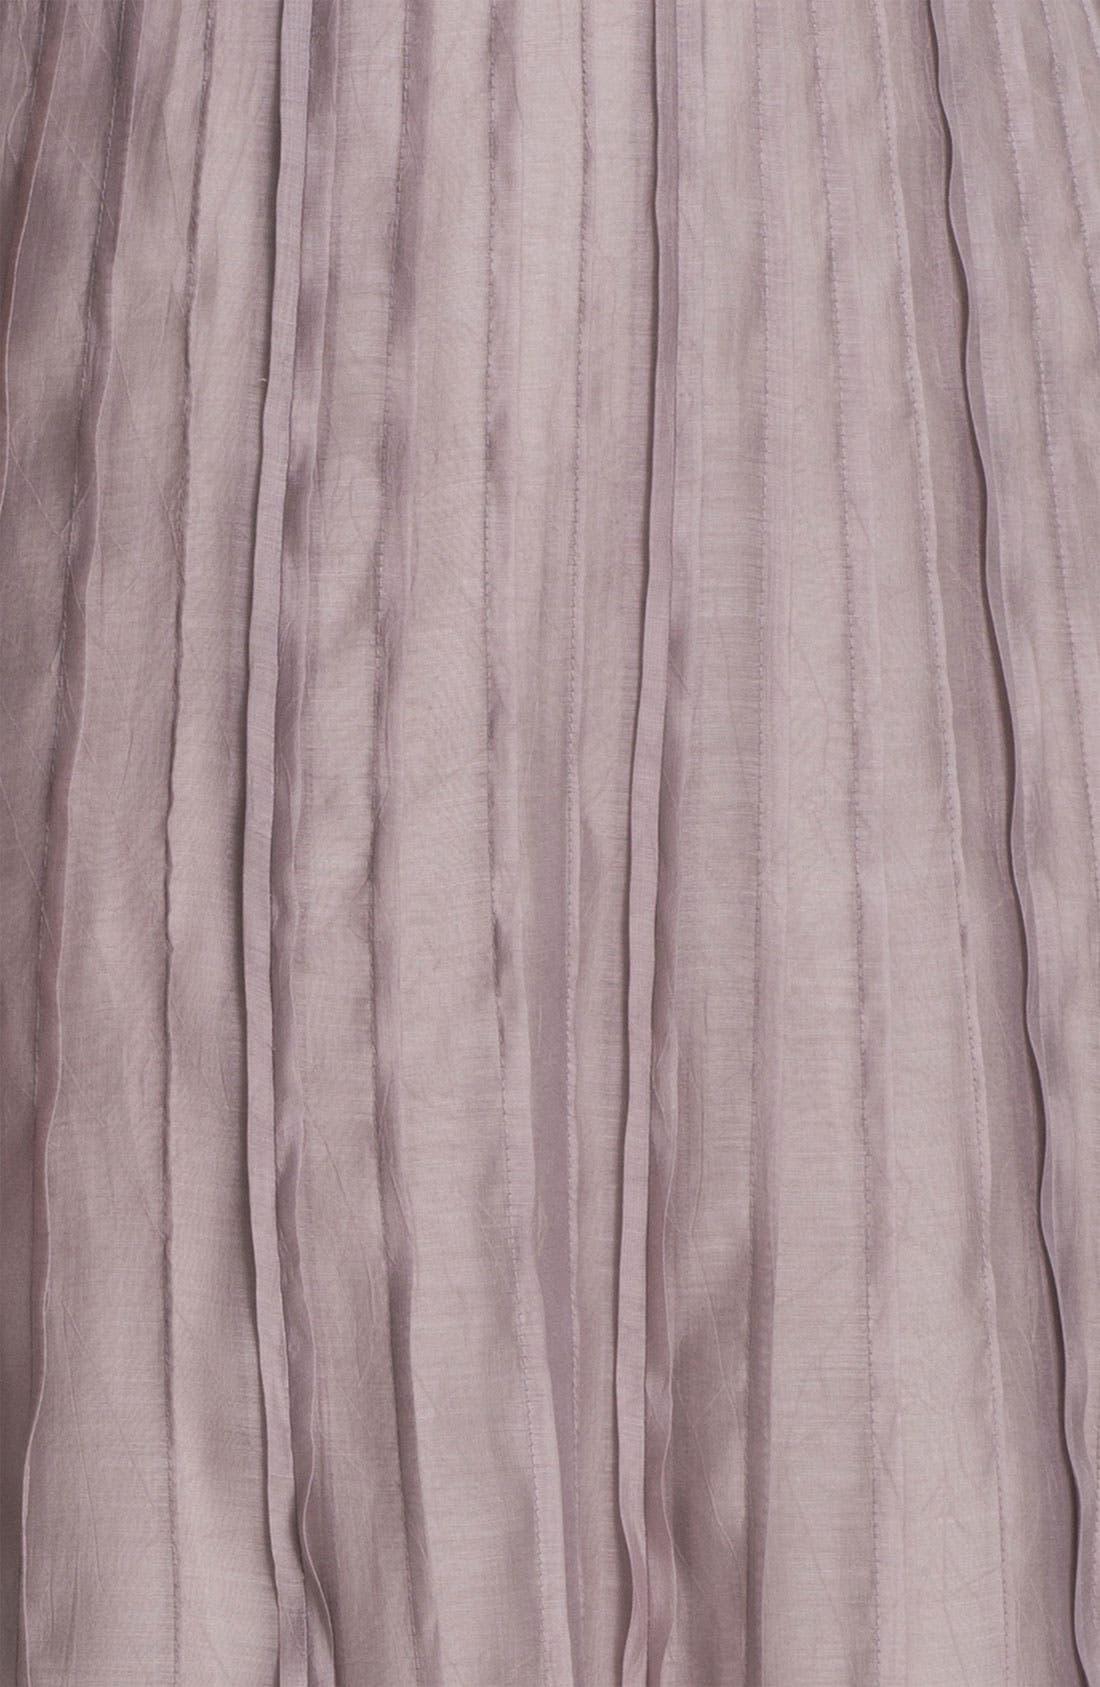 Alternate Image 3  - Nic + Zoe 'Batiste' Flirt Skirt